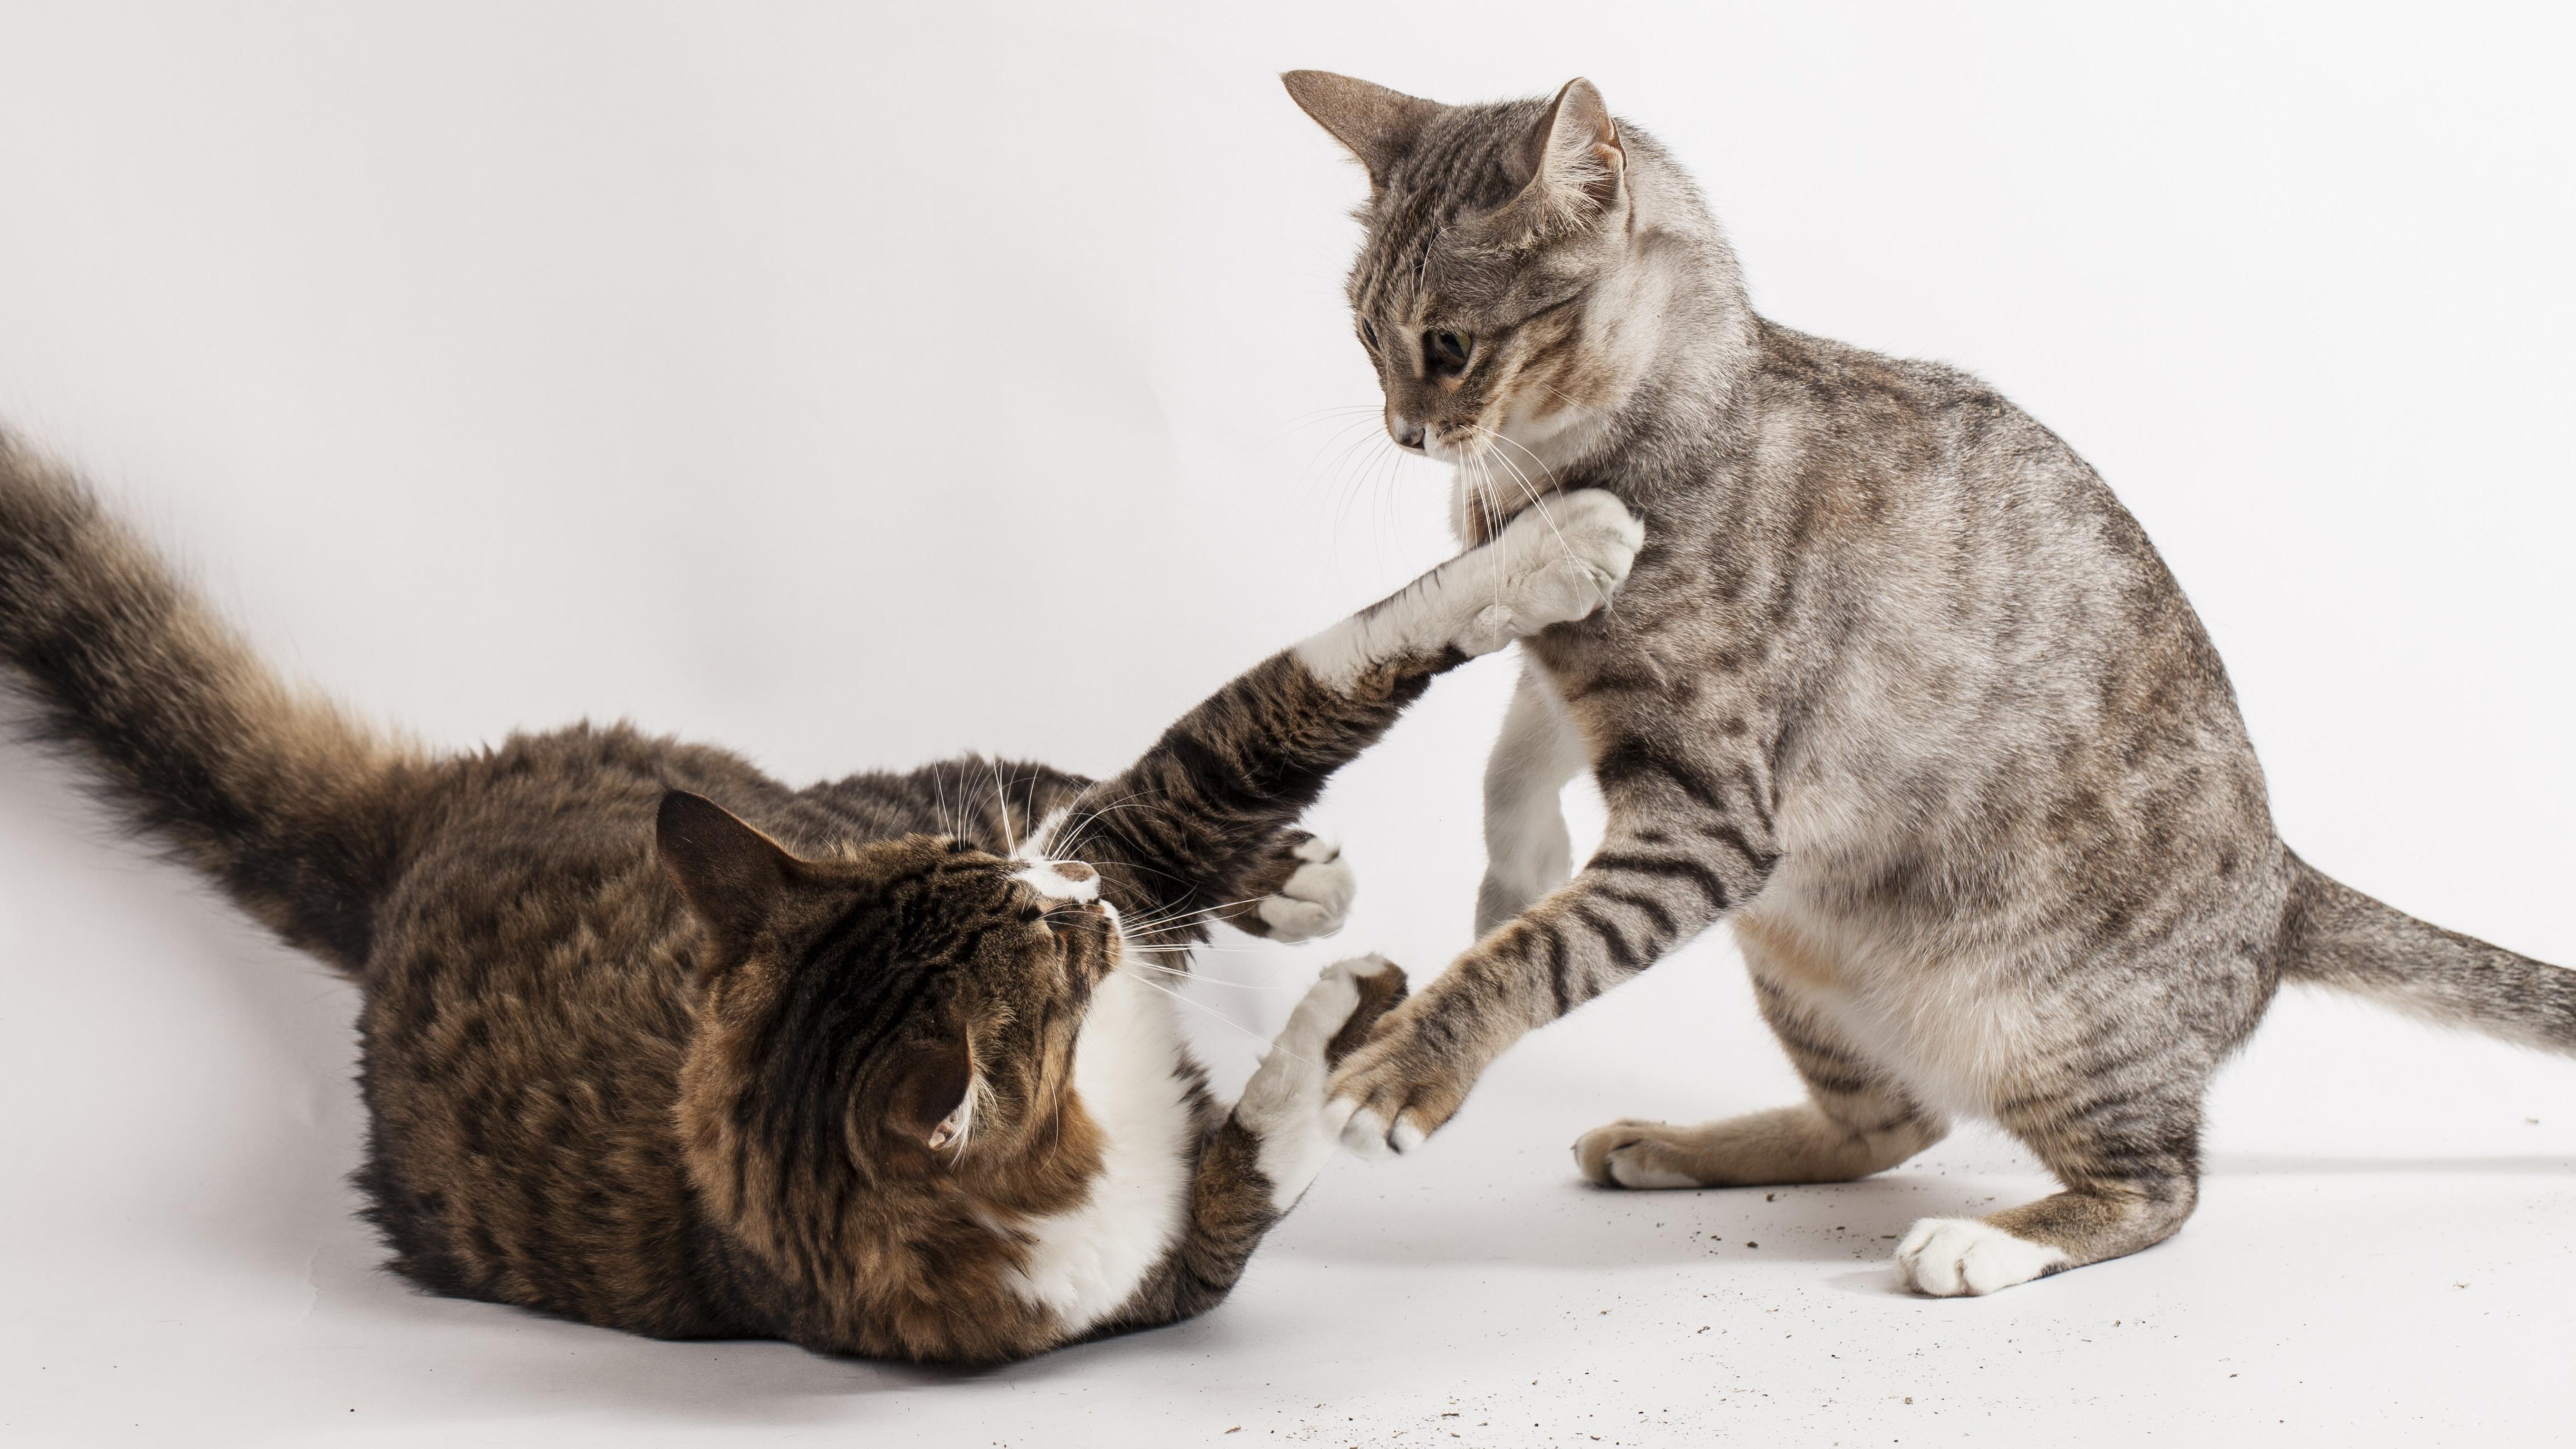 Spannungen und Konflikte im Mehrkatzenhaushalt